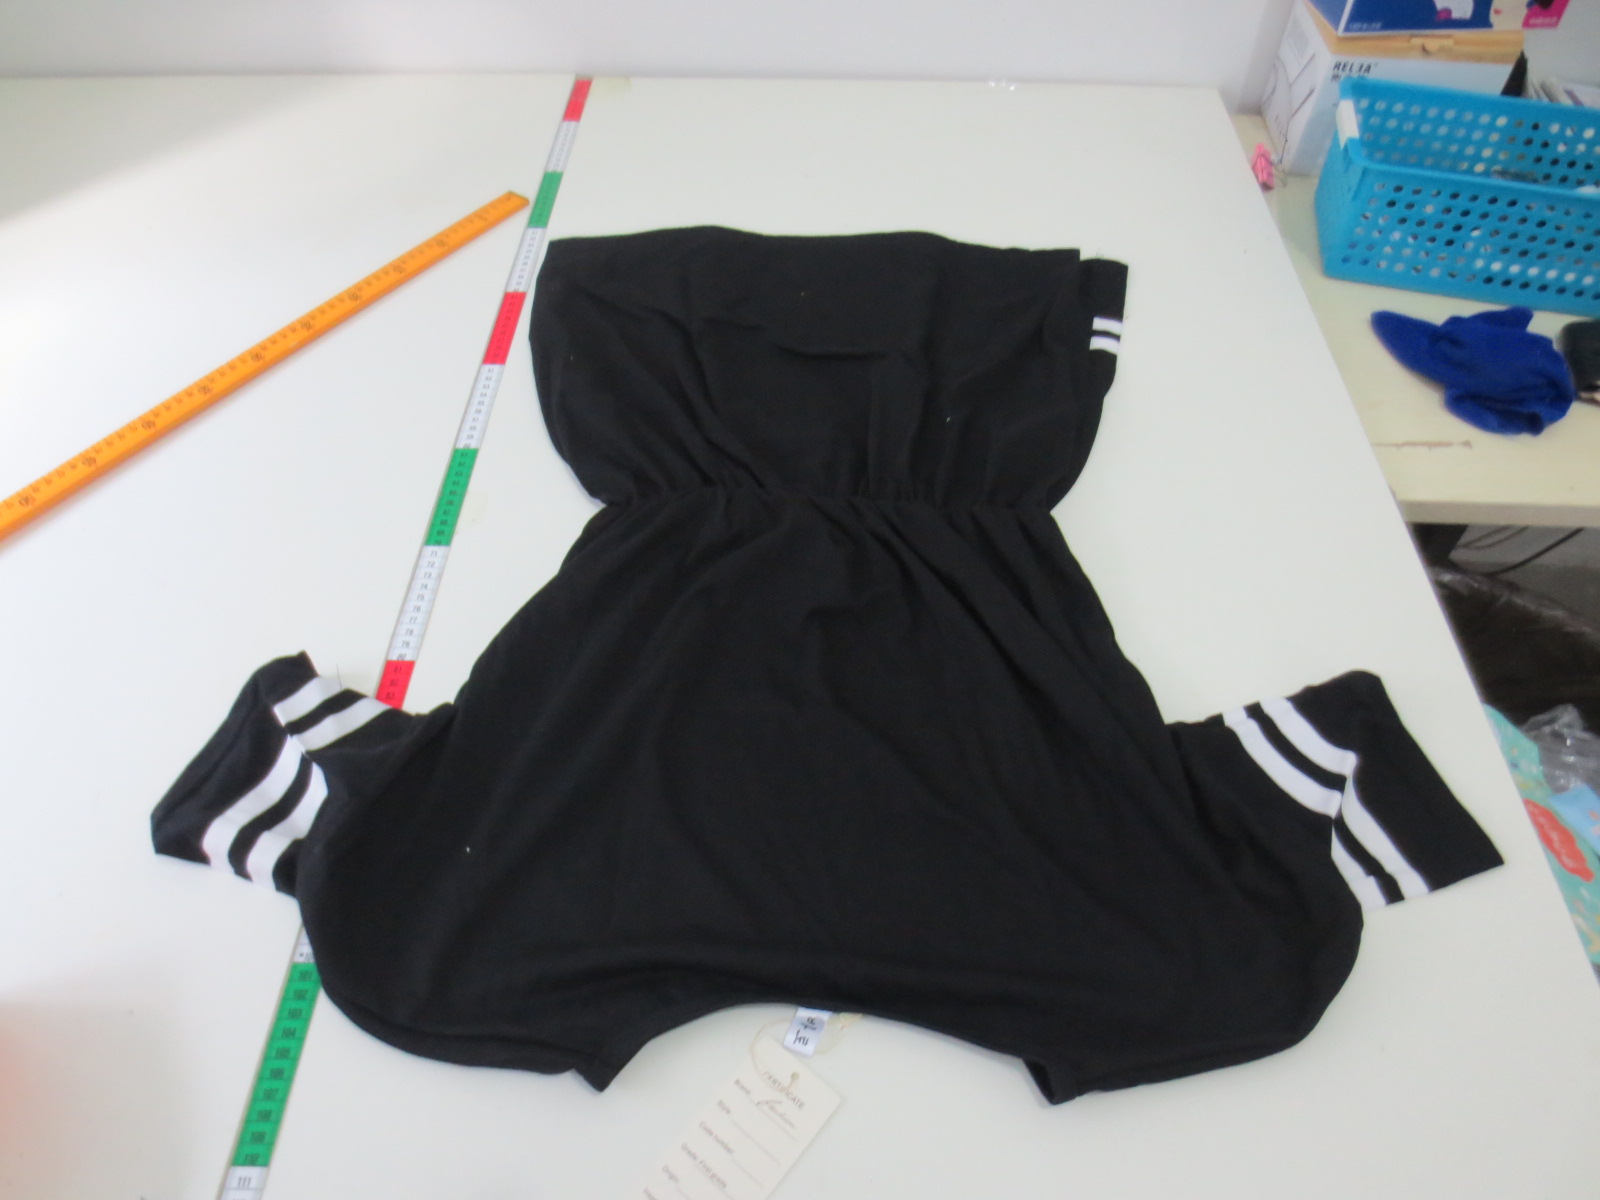 Женское платье 2015 году лето плавности движения Департамента, пять рукава Колледж девочек Harajuku ВМФ письма бейсбол одежда платья женщин